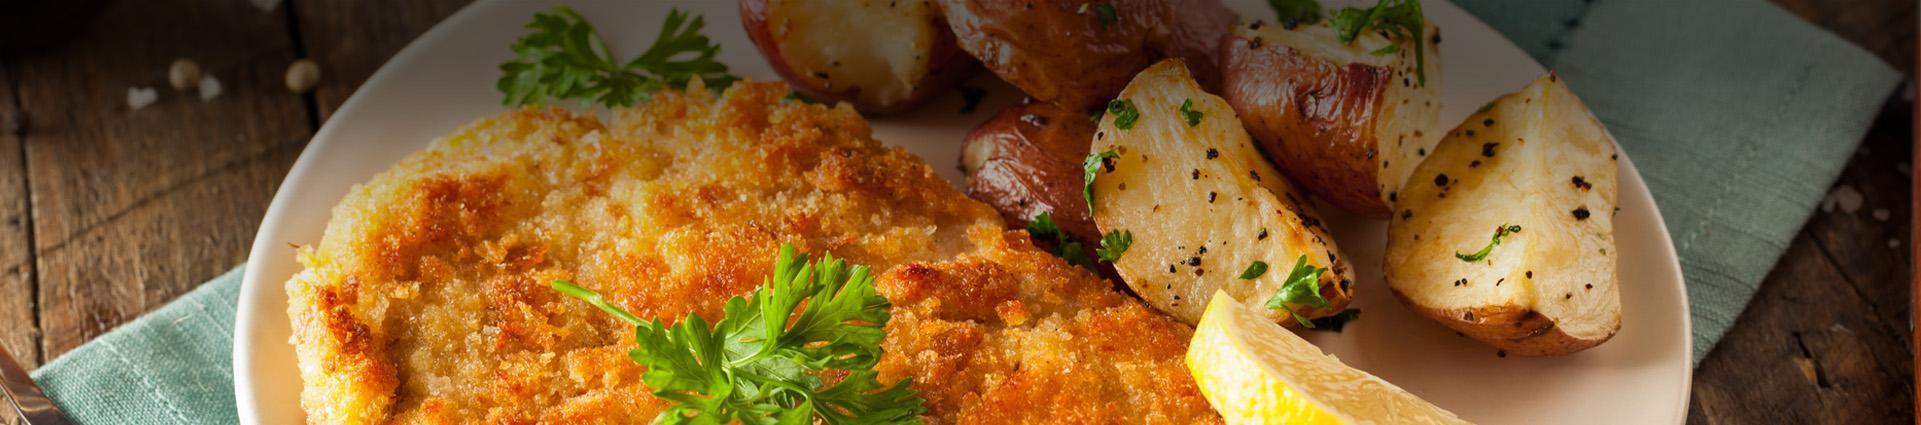 Schabowy z ziemniakami